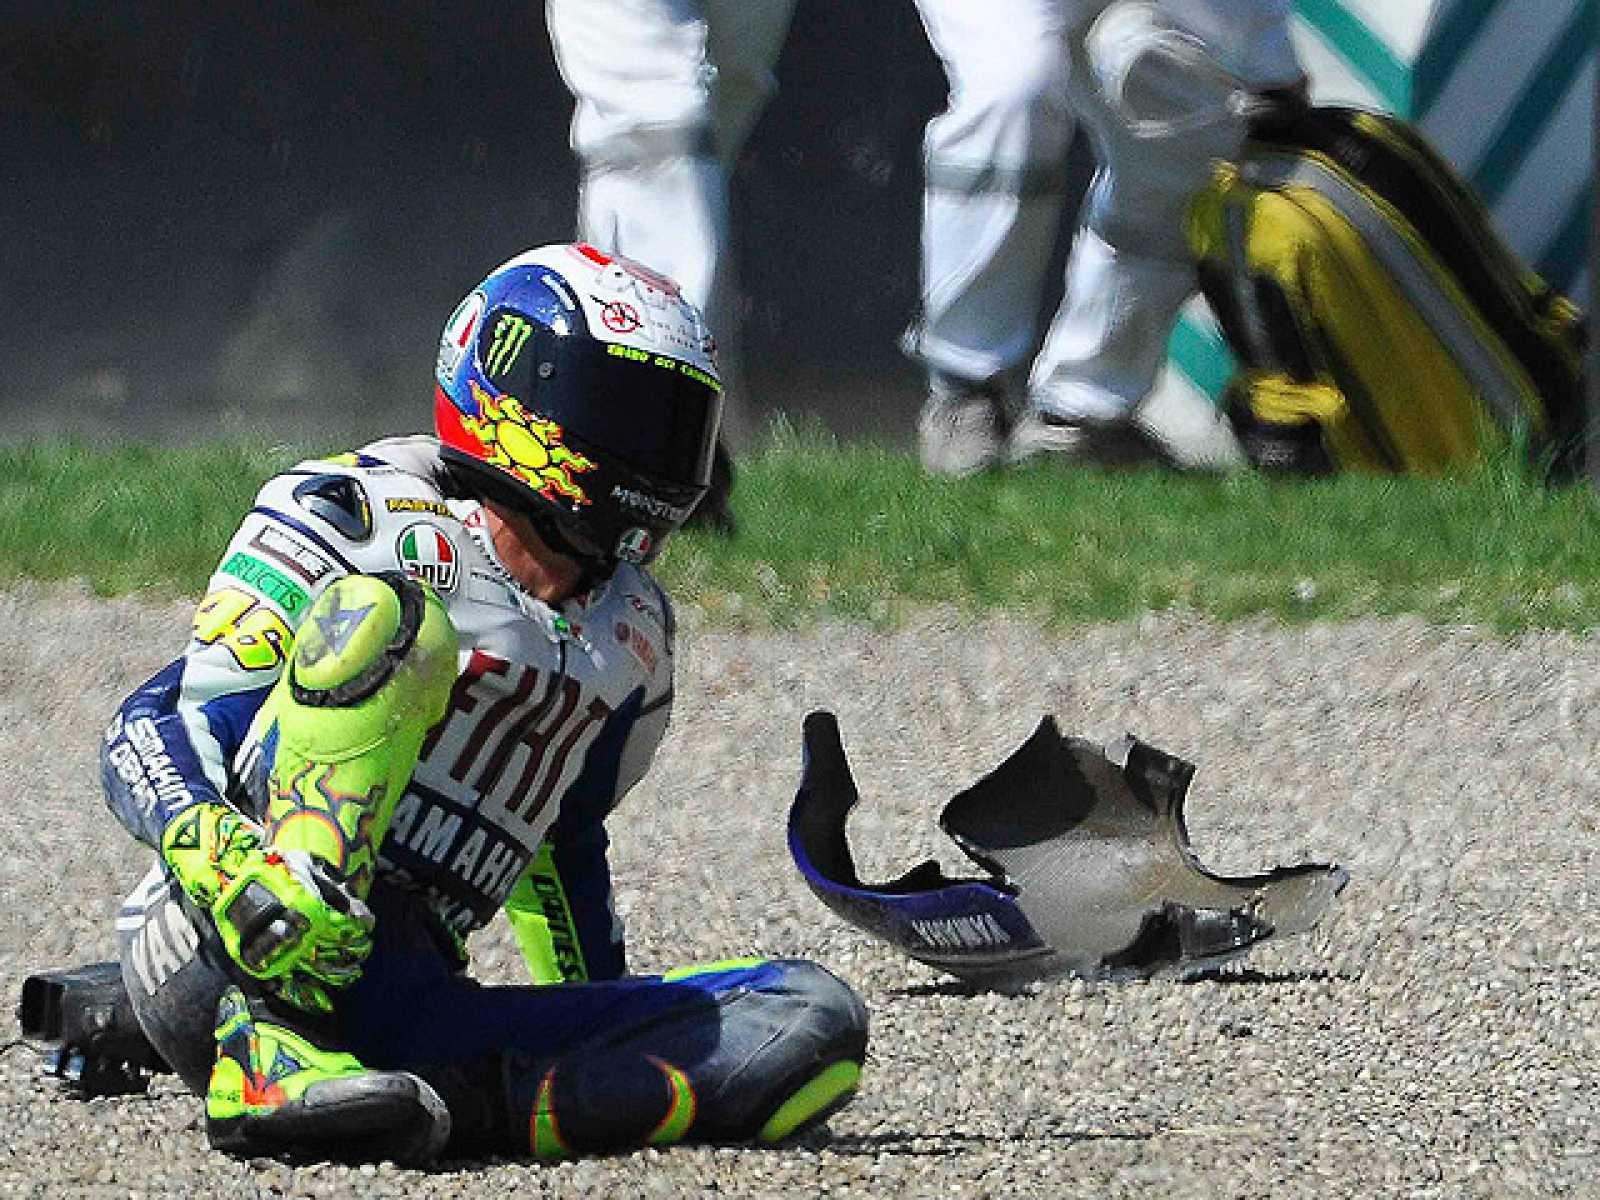 Una de las cámaras de seguridad del circuito de Mugello ha logrado captar la caída de Valentino Rossi. Por otro lado, su máximo rival, Jorge Lorenzo, ha lamentado la caída de Valentino ya que es un palo para el motociclismo y desea una rápida vuelta